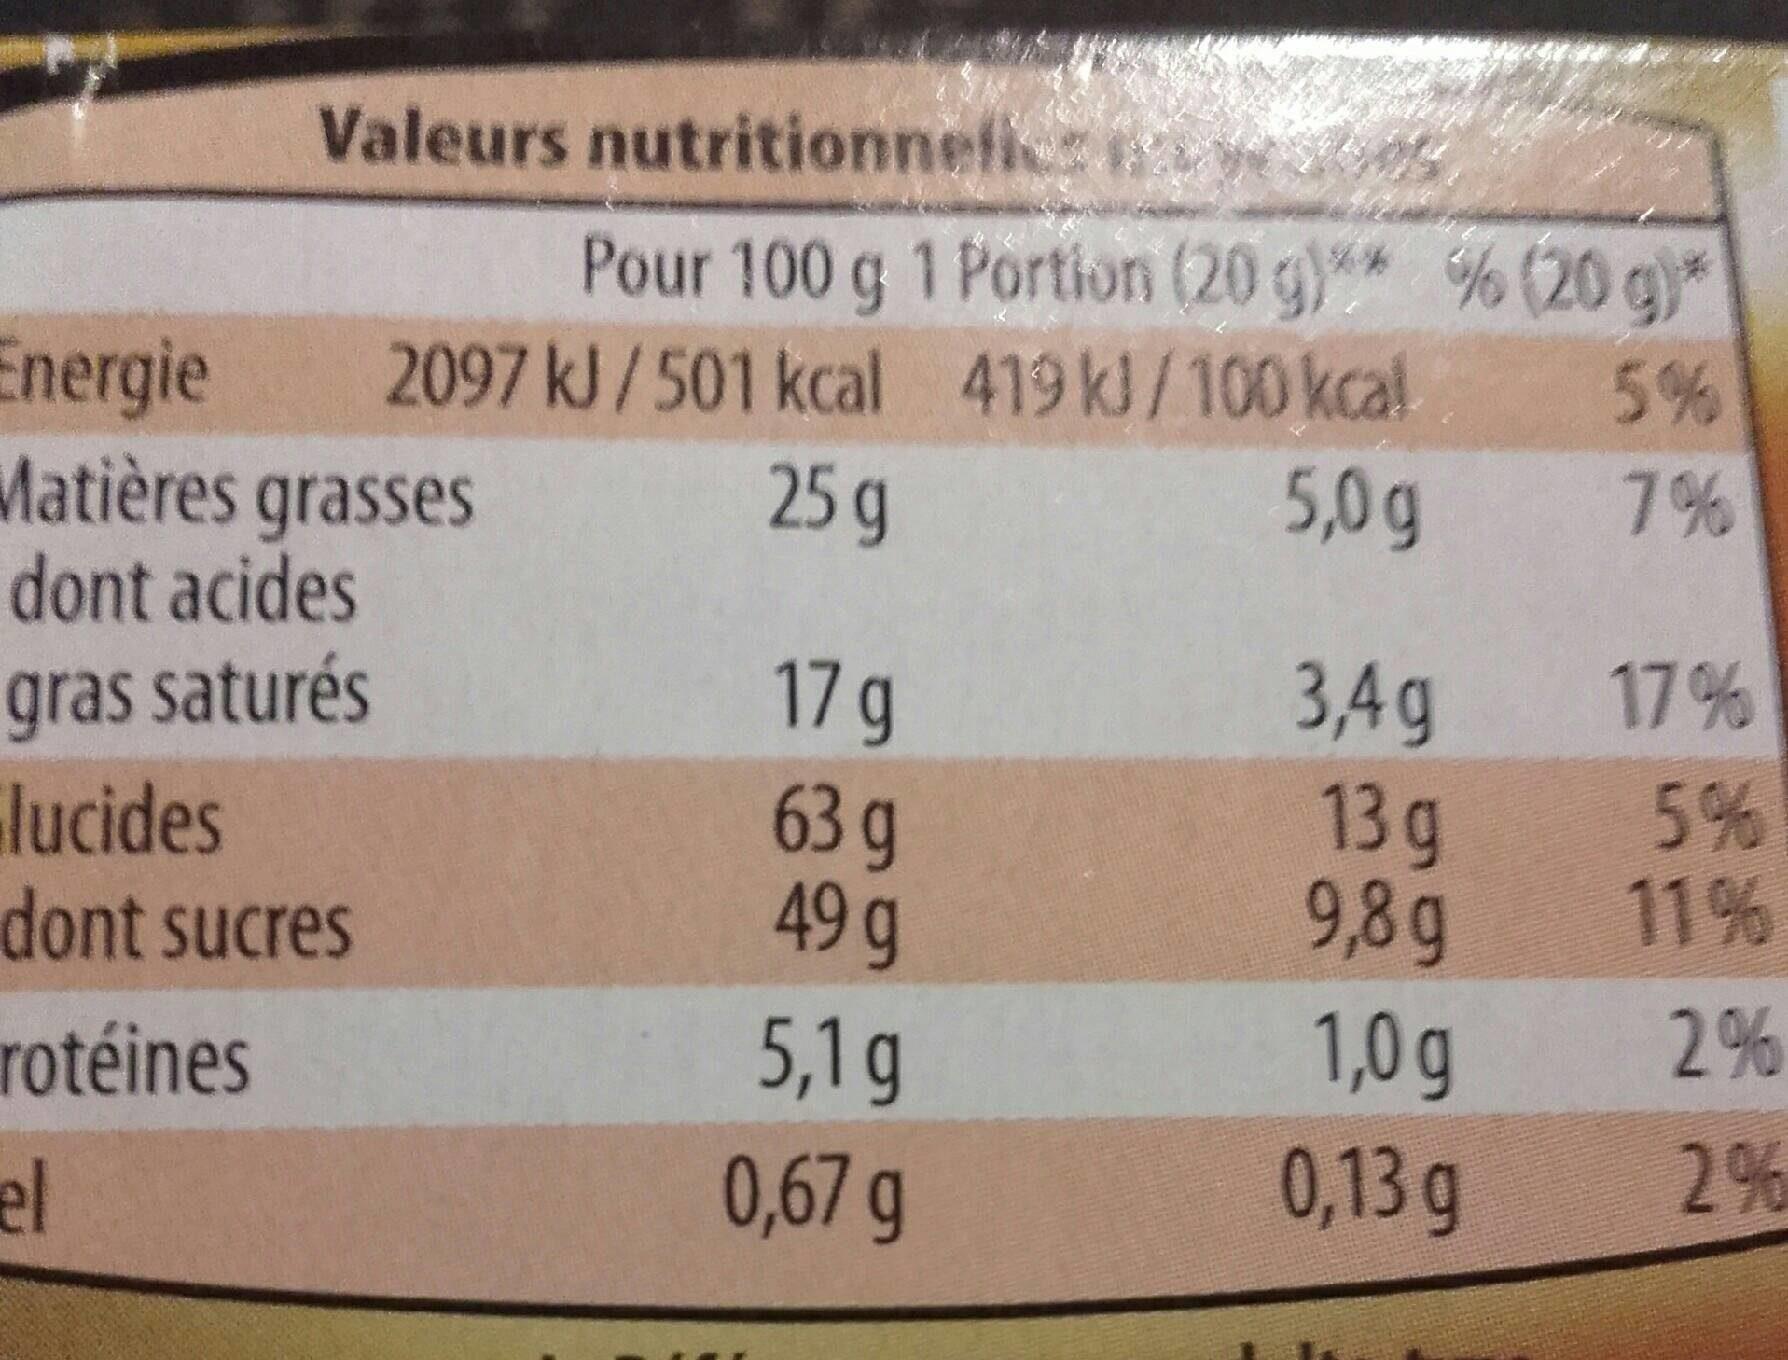 Flûtes framboise - Voedingswaarden - fr